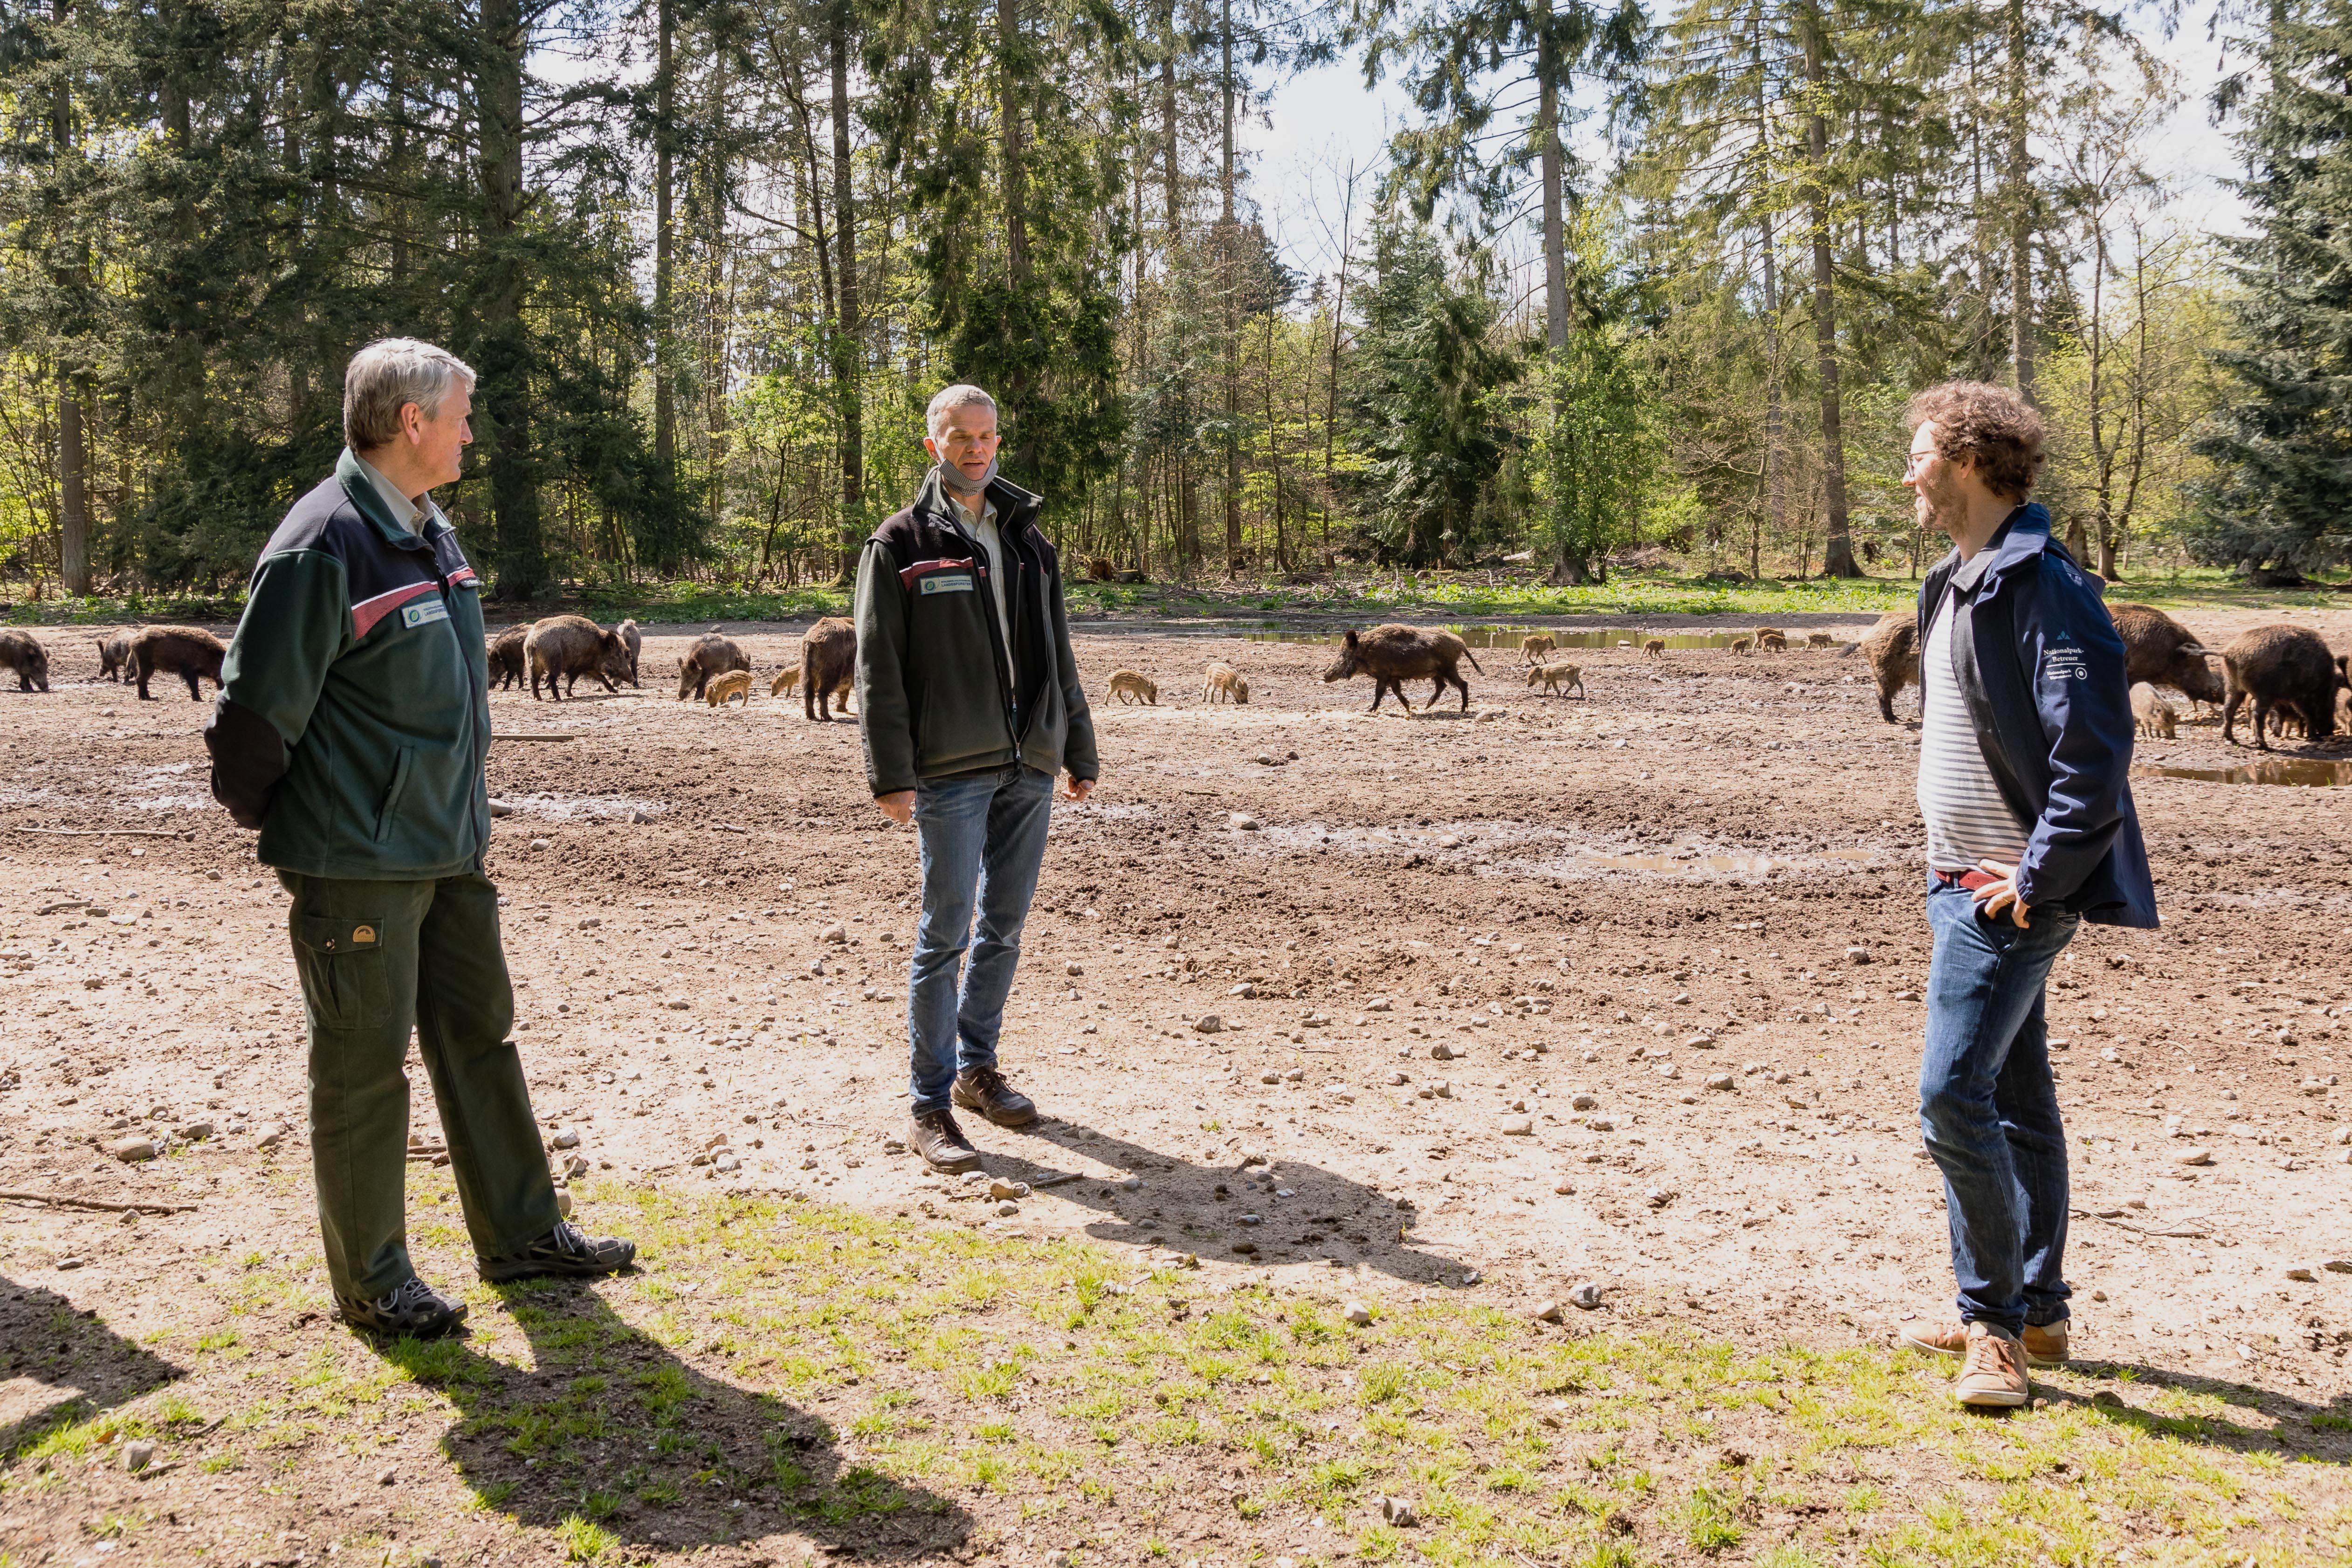 Umweltminister Albrecht zu Besuch im ErlebnisWald Trappenkamp